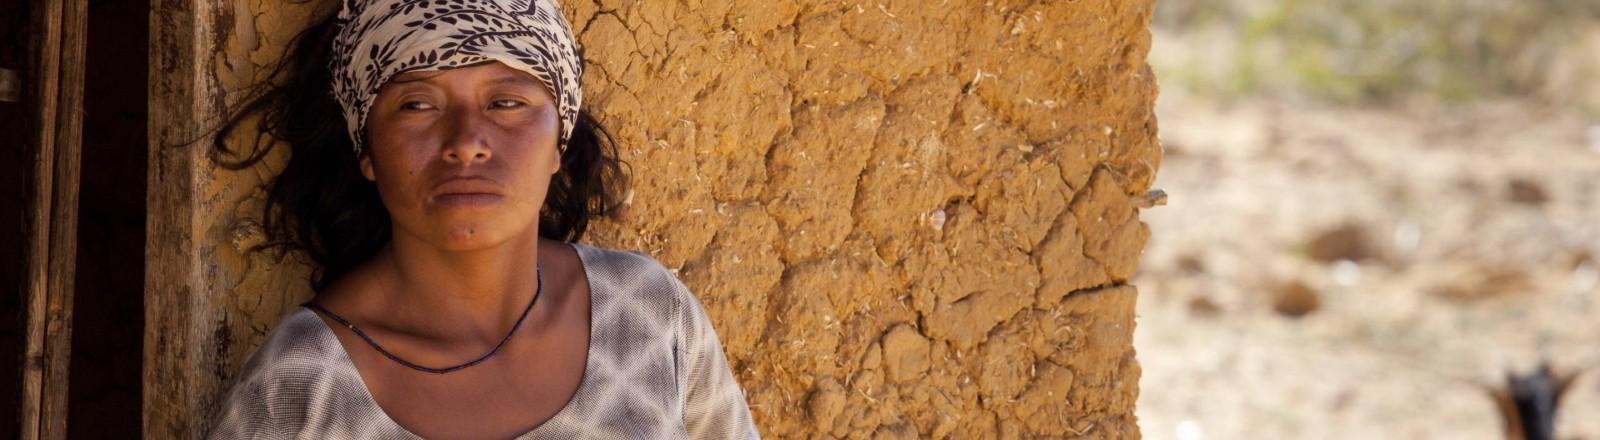 Eine Frau des indigenen Volkes der Wayuu